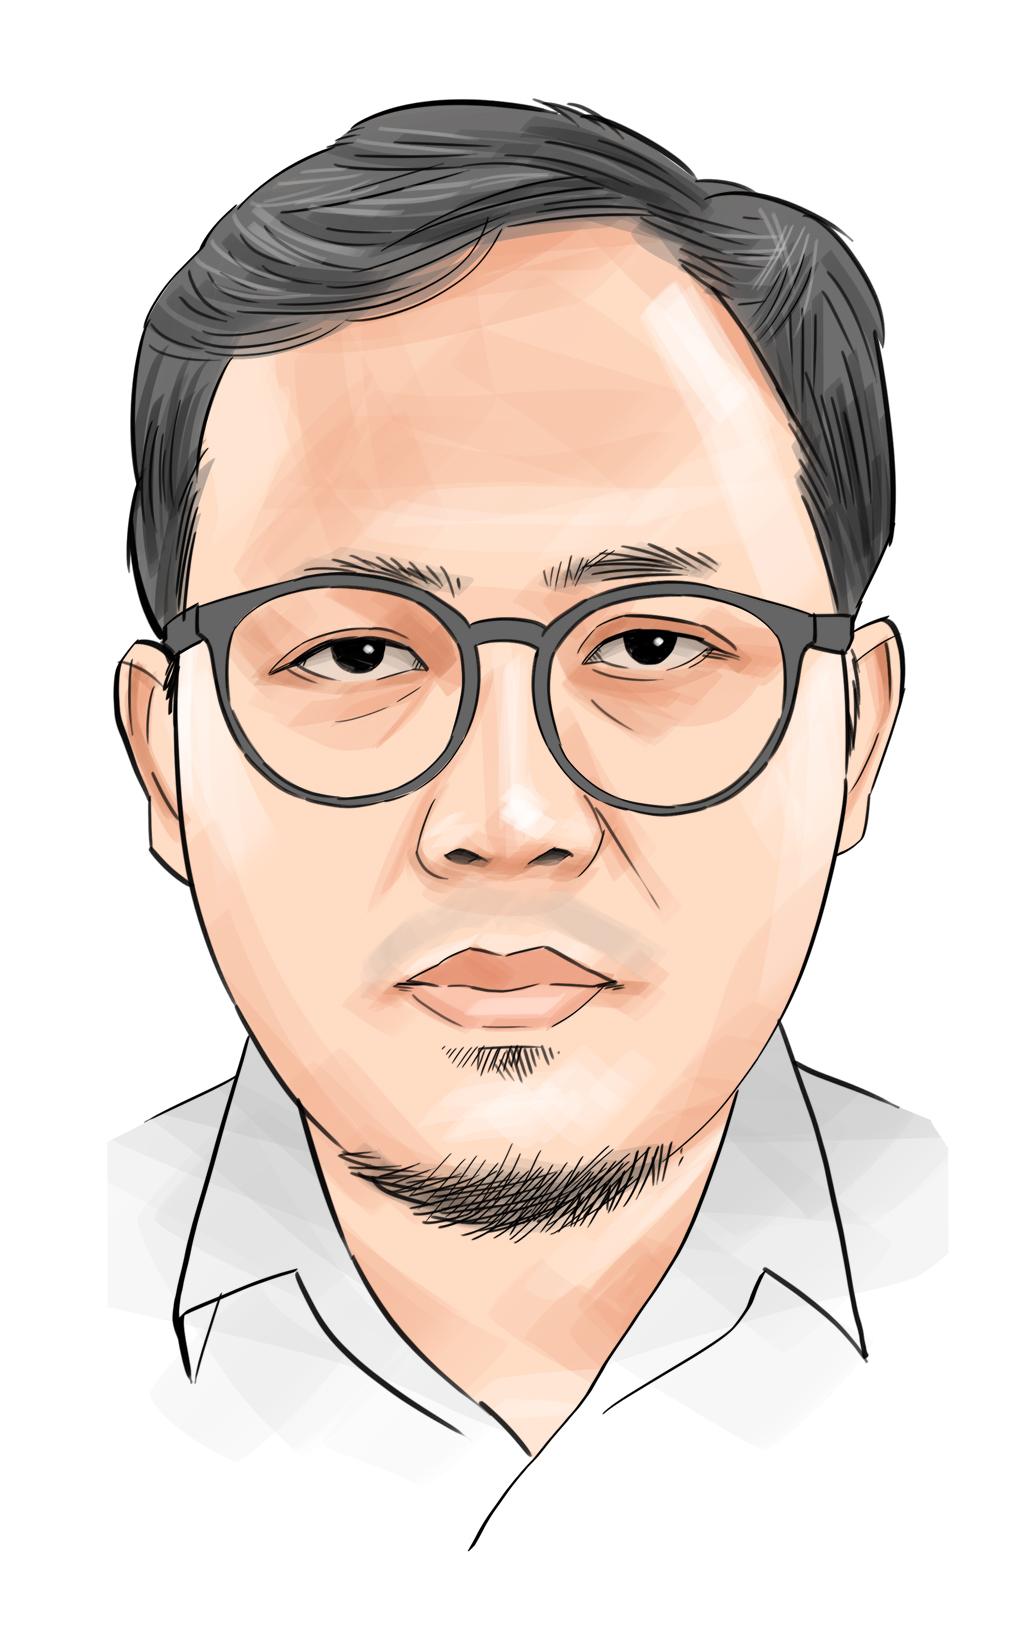 UANG KRIPTO : Bitcoin, Nayib Bukele & Simbol Perlawanan